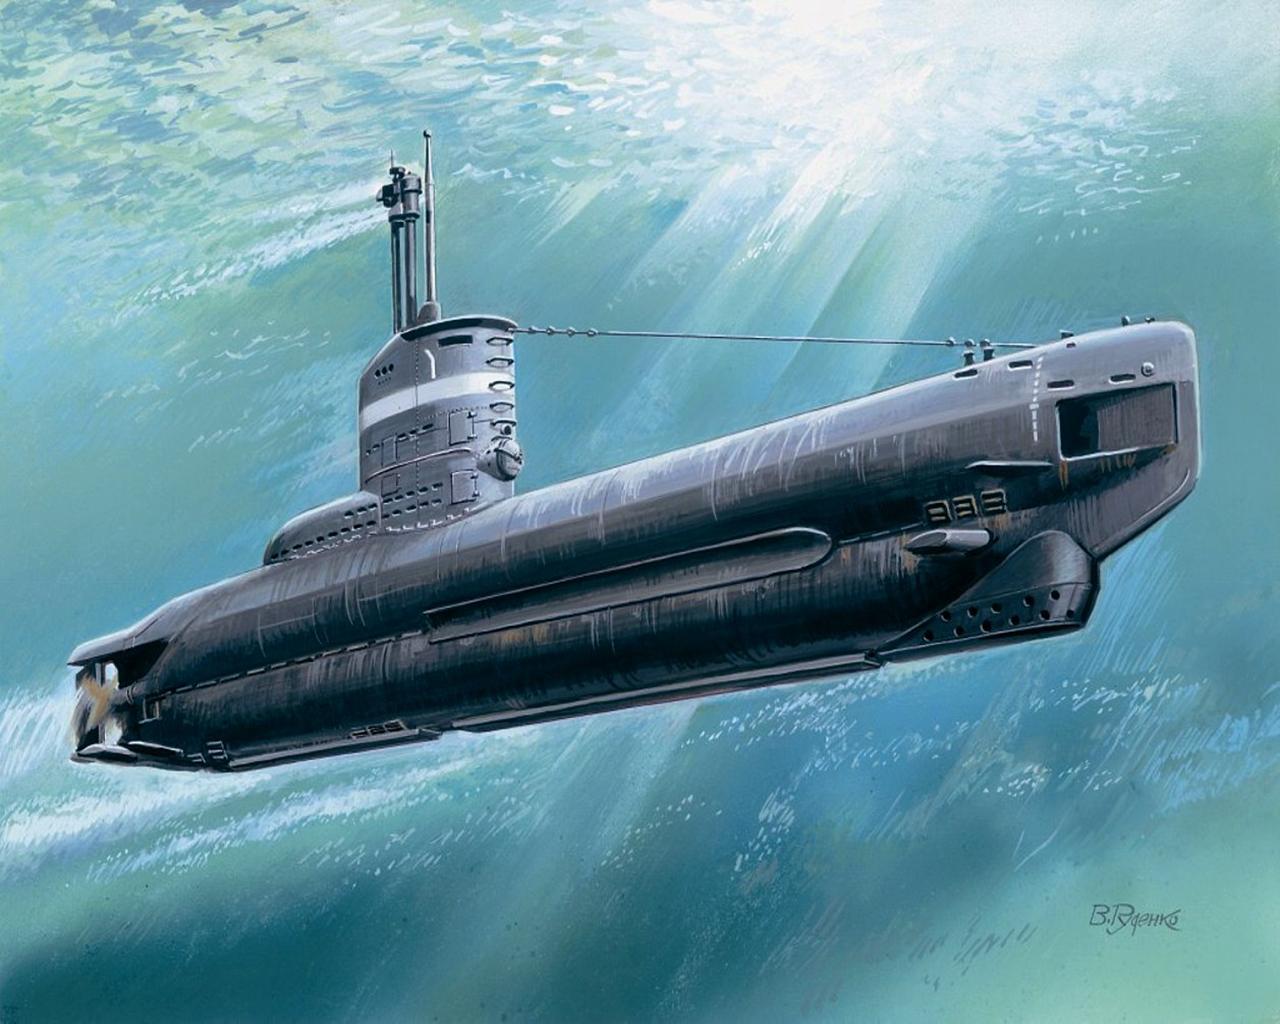 Обои Подводные лодки U-boot XXIII Рисованные Армия